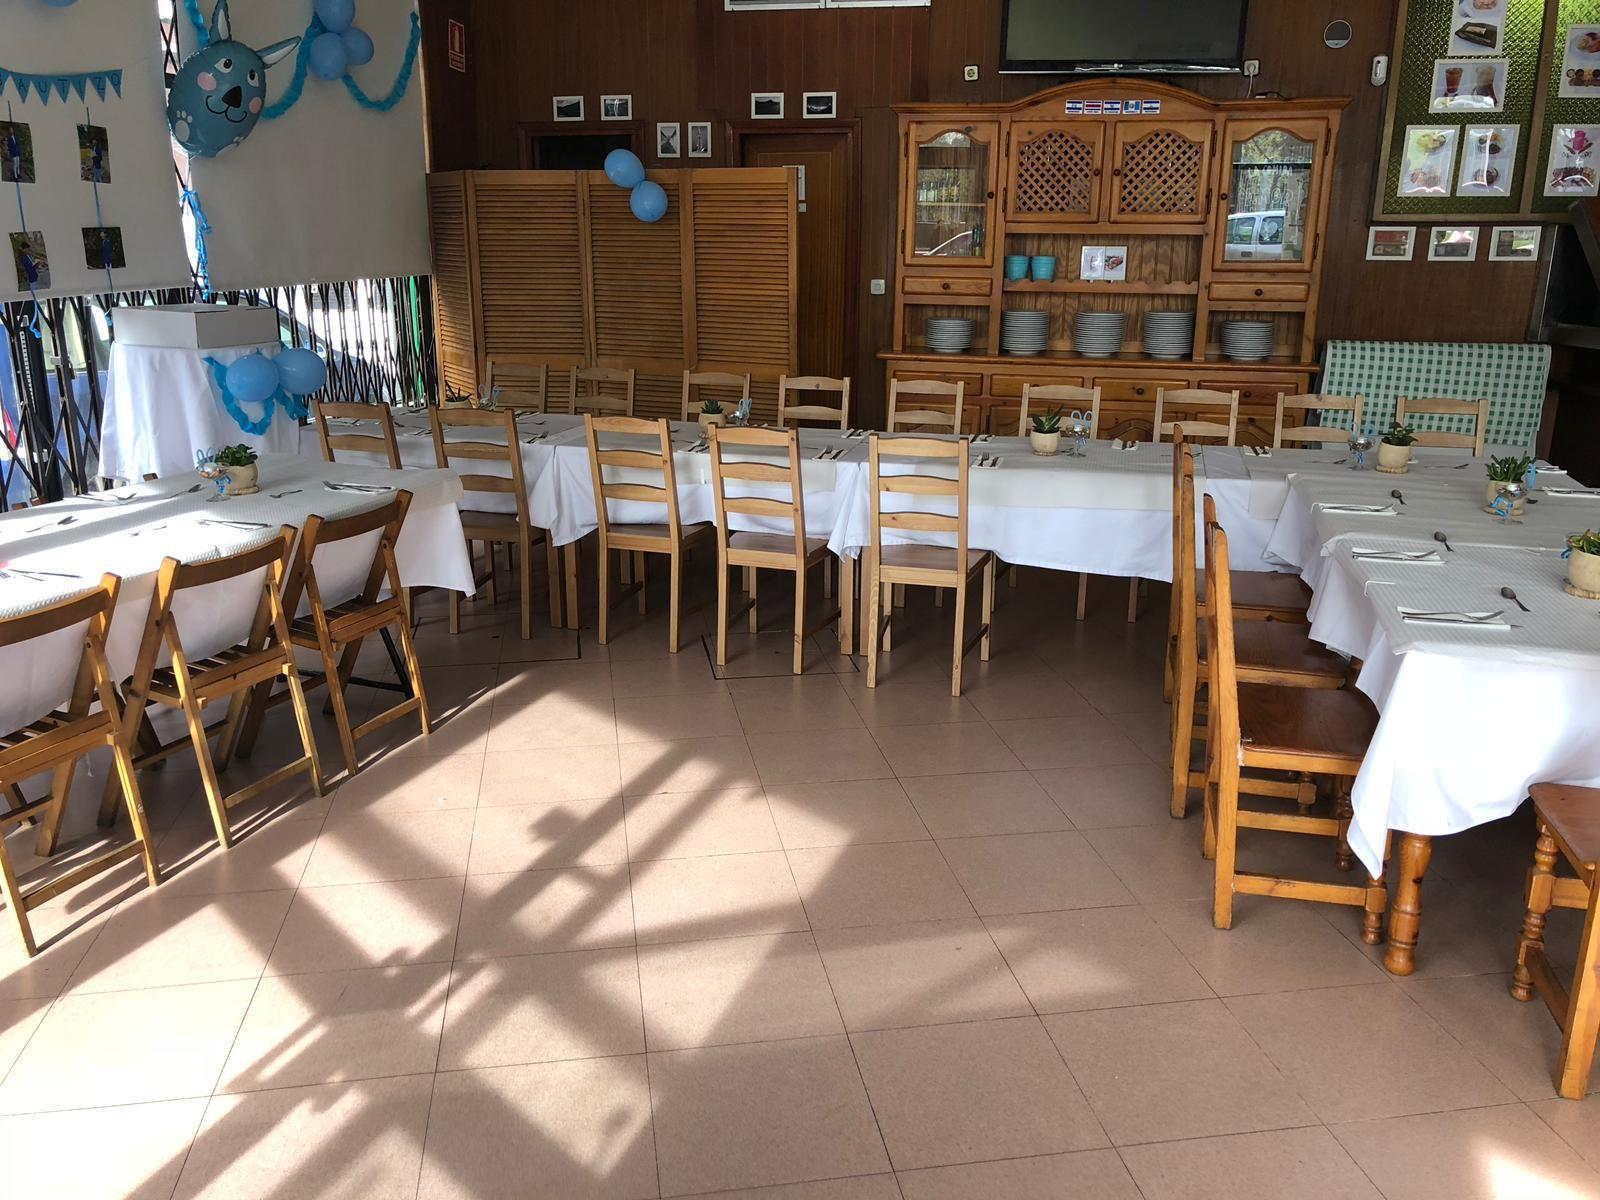 Foto 2 de Cocina latinoamericana en  | Café Bar Mamá Tere